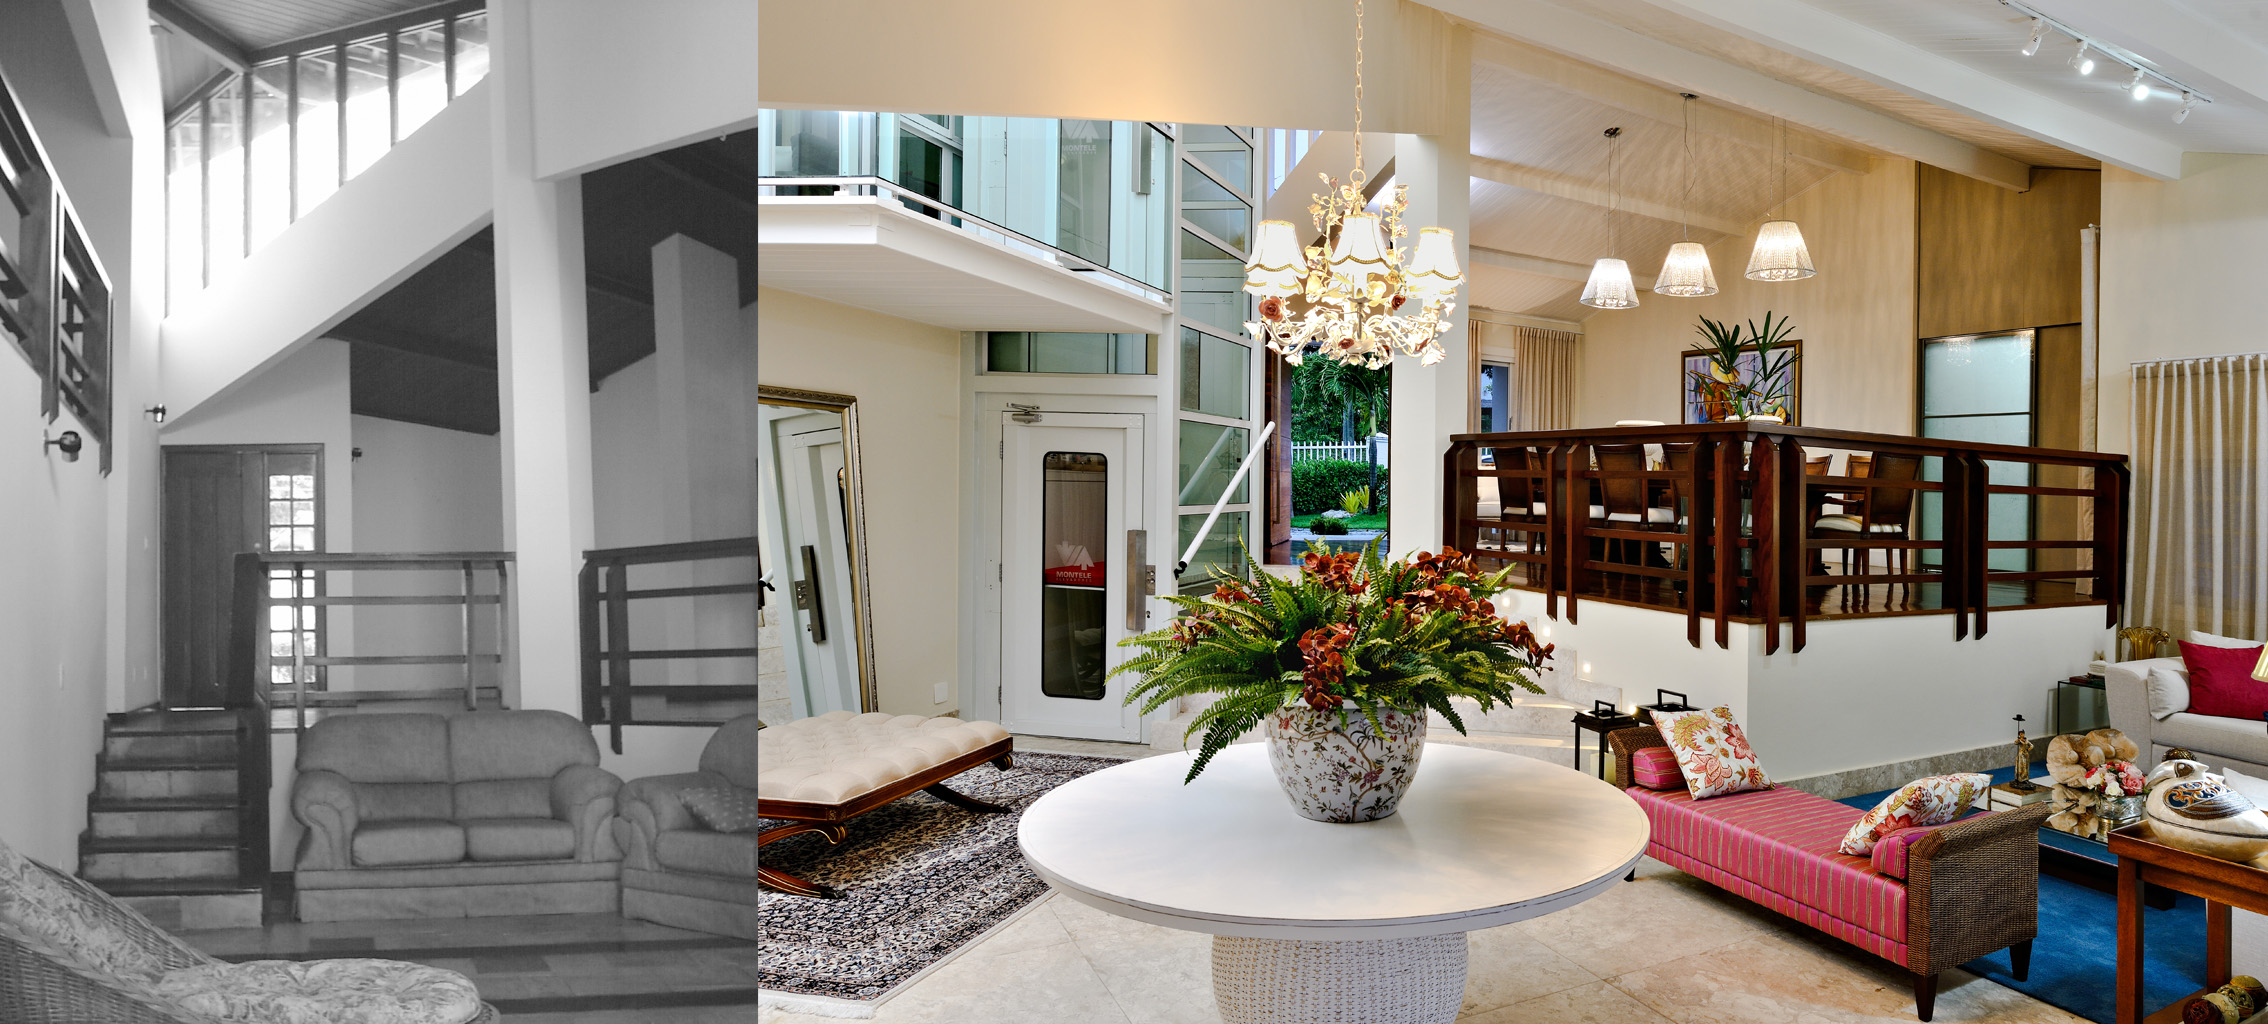 Casa em meios-níveis com elevador panorâmico